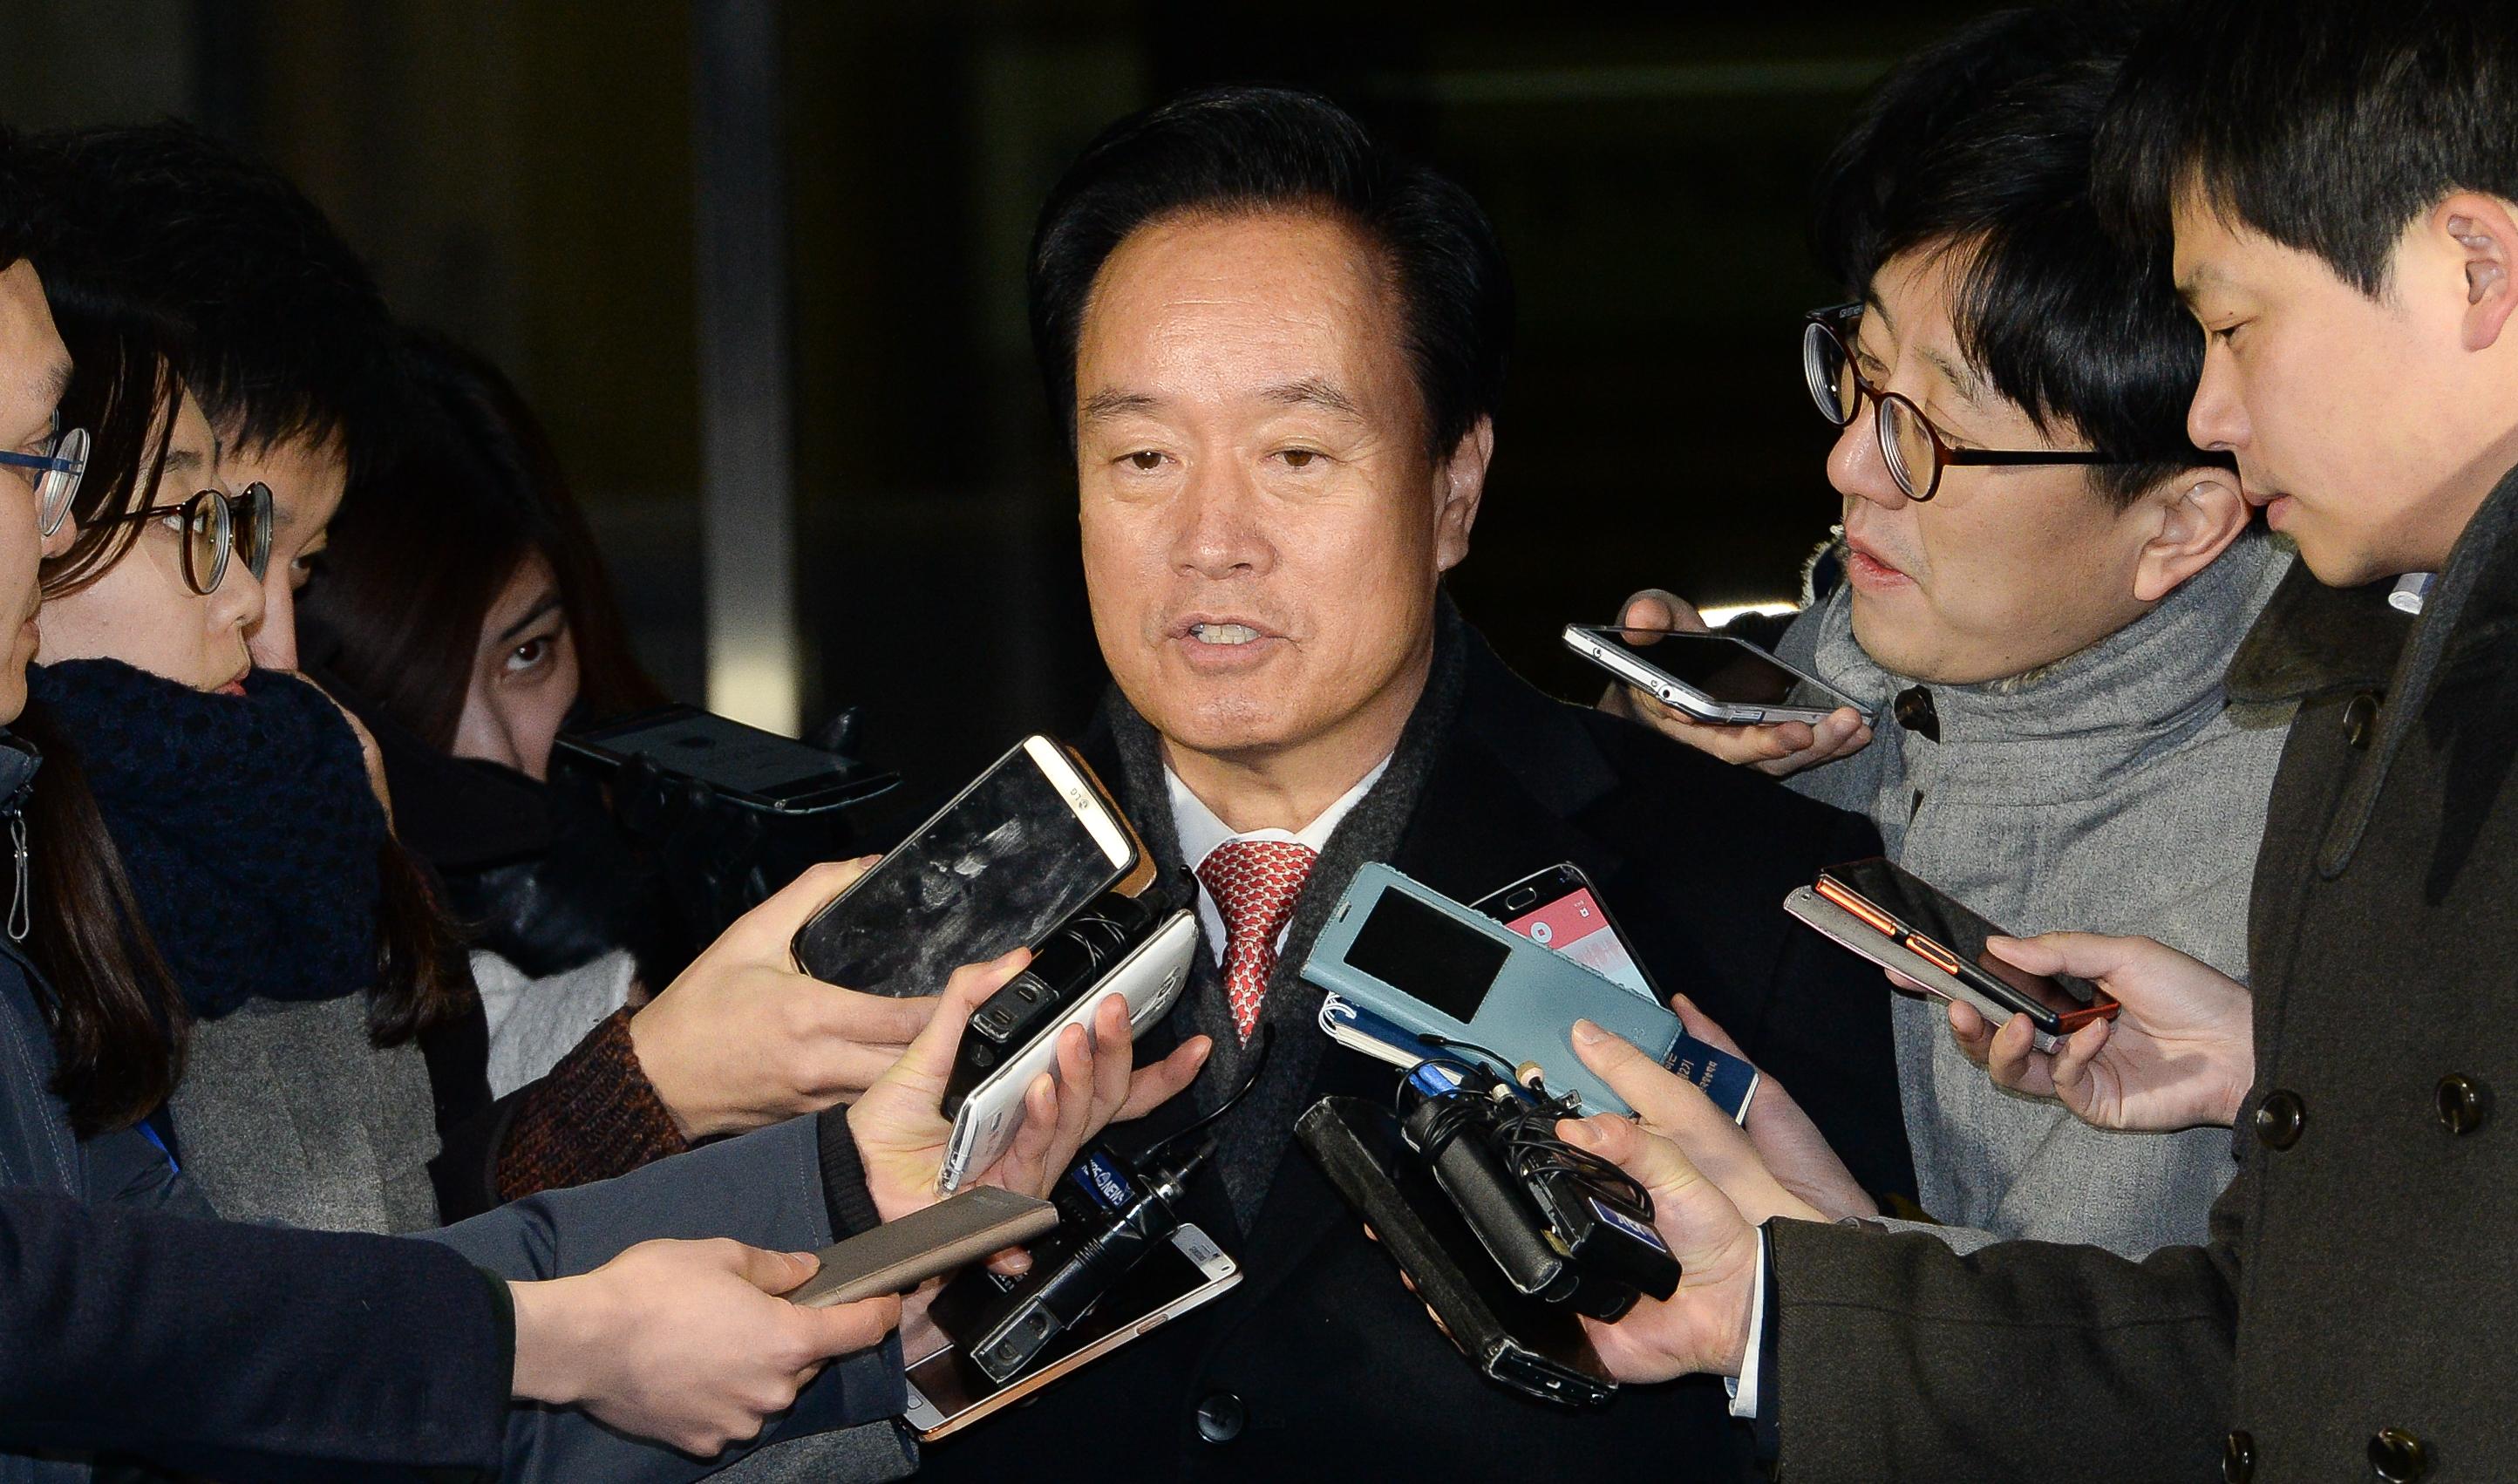 '포스코 비리 연루 의혹' 이병석 의원, 16시간 조사 받고 귀가